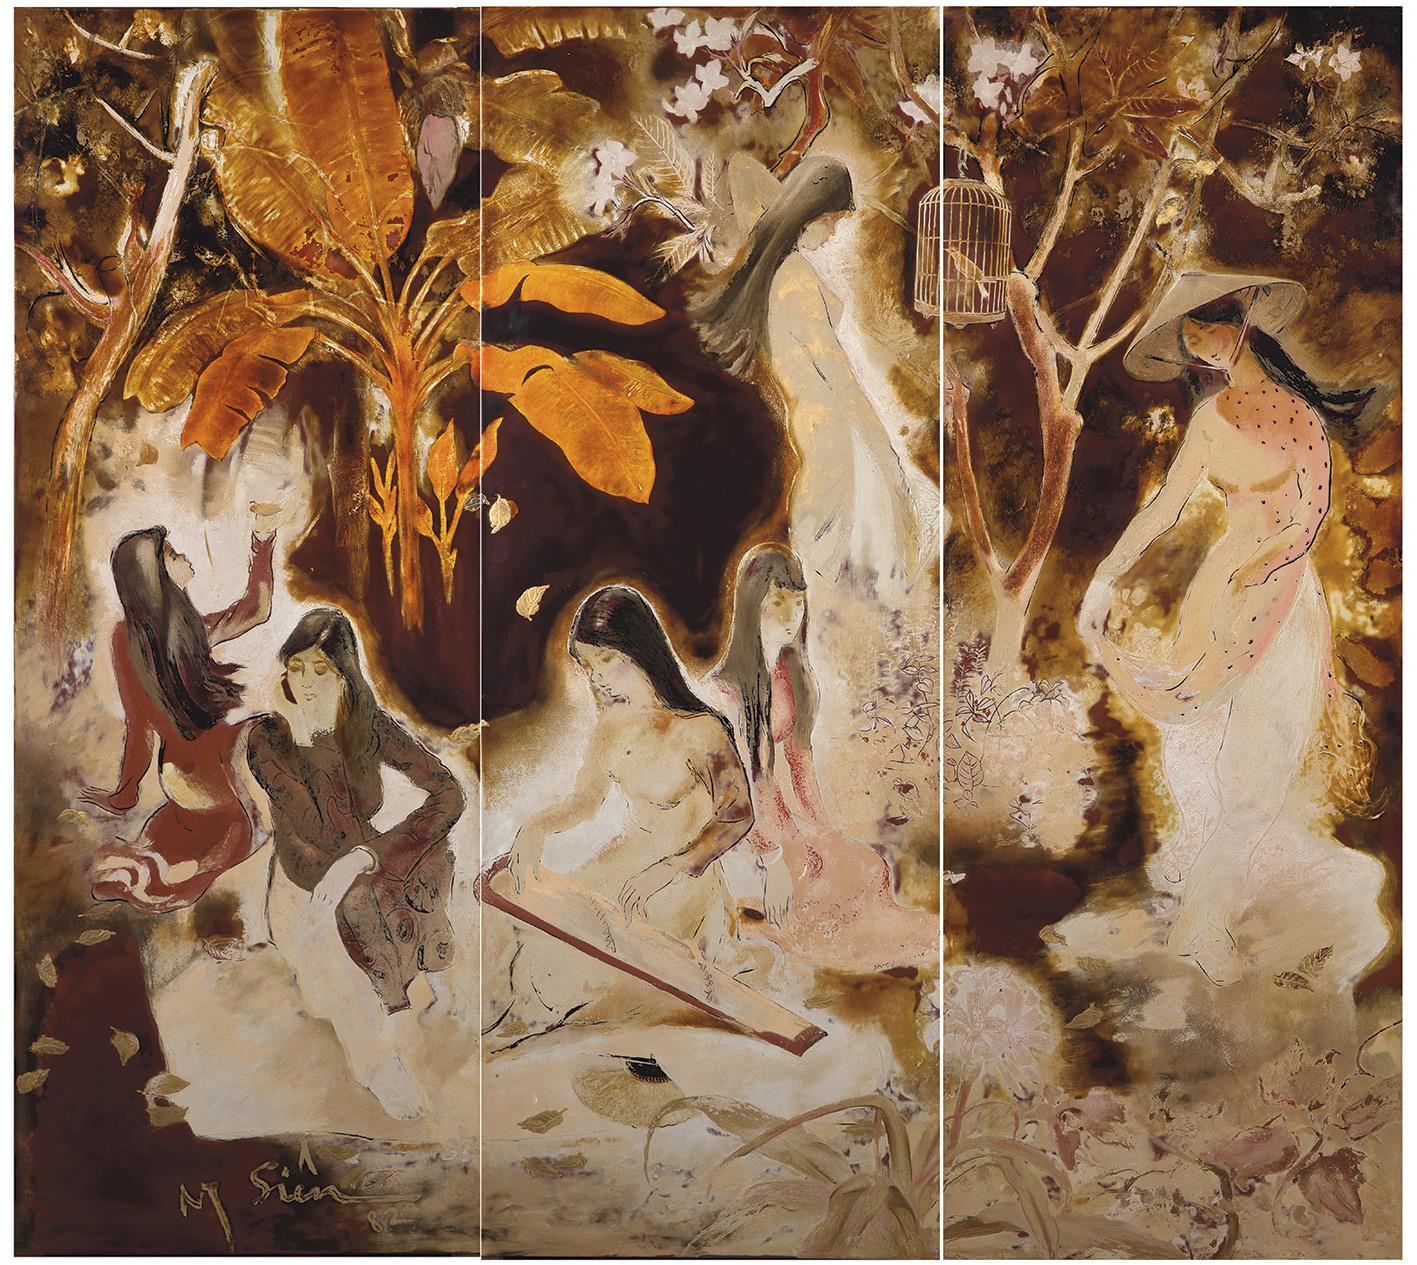 Réalisé plus tardivement que les autres œuvres vedettes de cette dispersion – entre 1950 et 1970 –, ce triptyque en laque artistiquement t